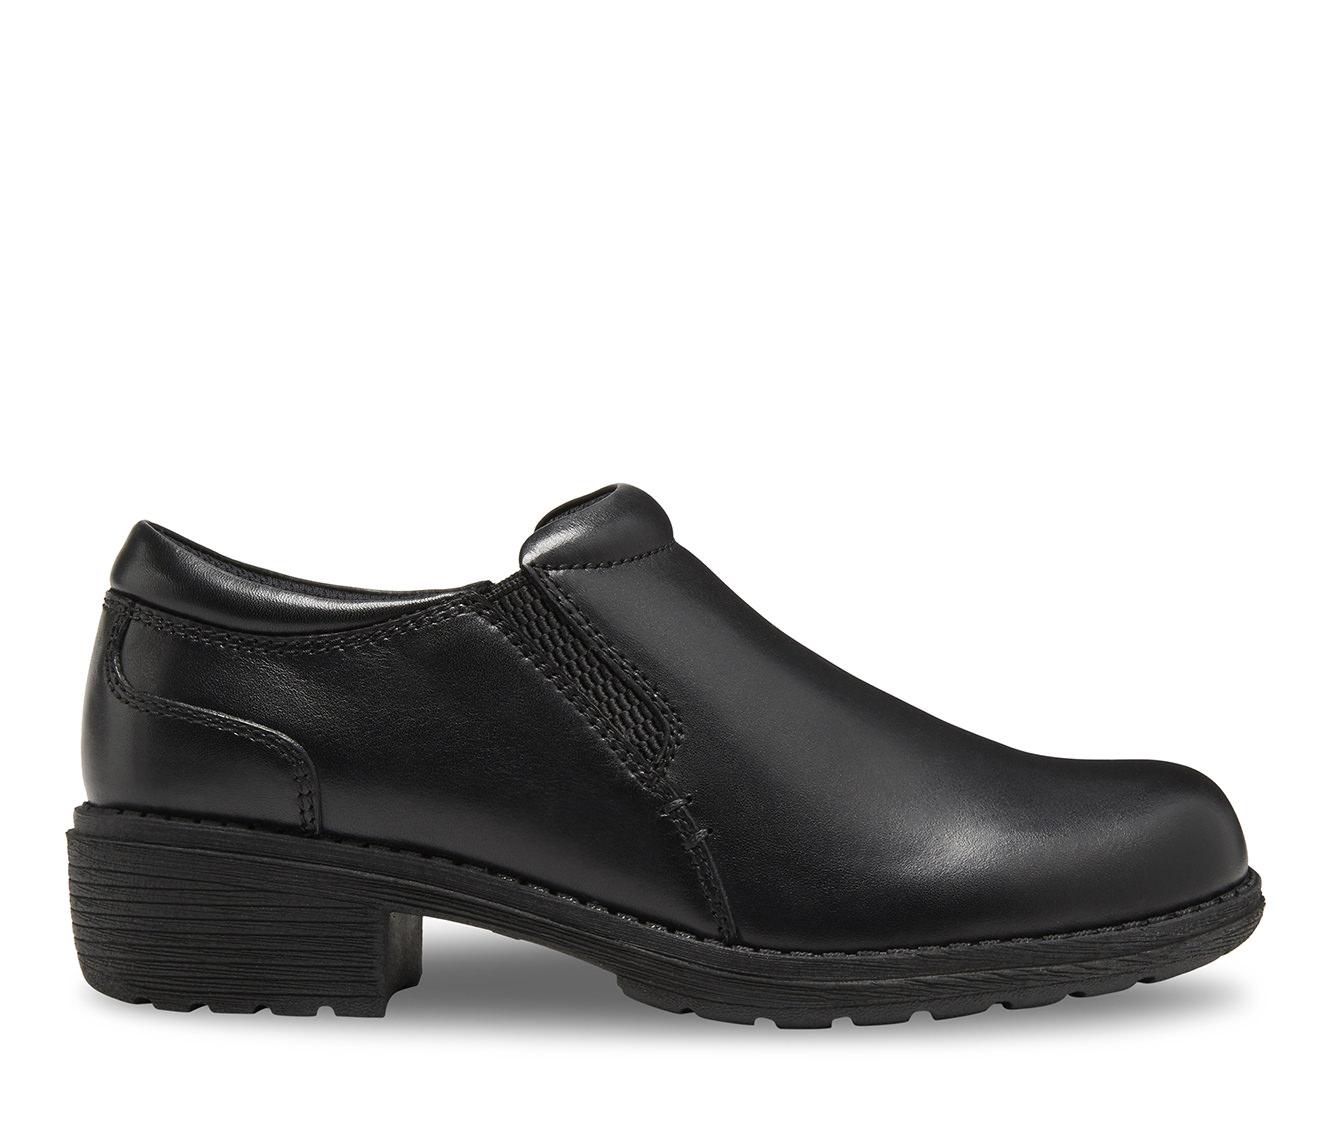 Eastland Double Down Women's Shoe (Black Leather)